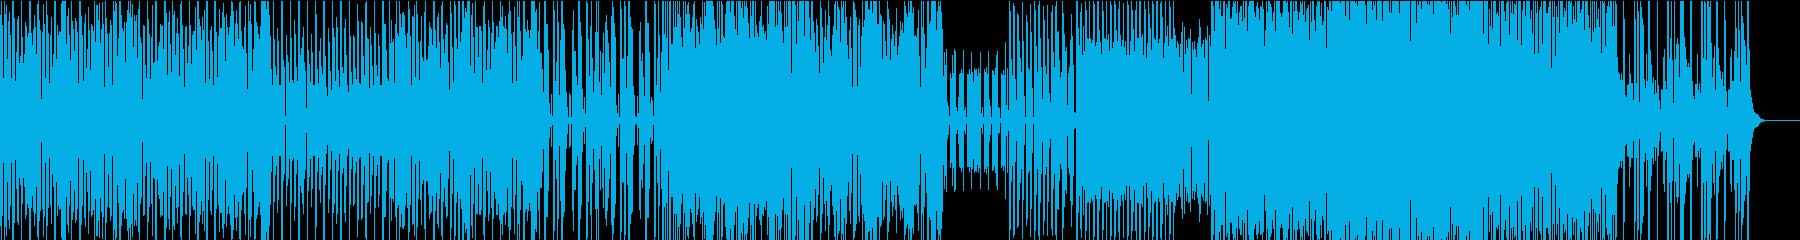 クールなテクノBGMの再生済みの波形